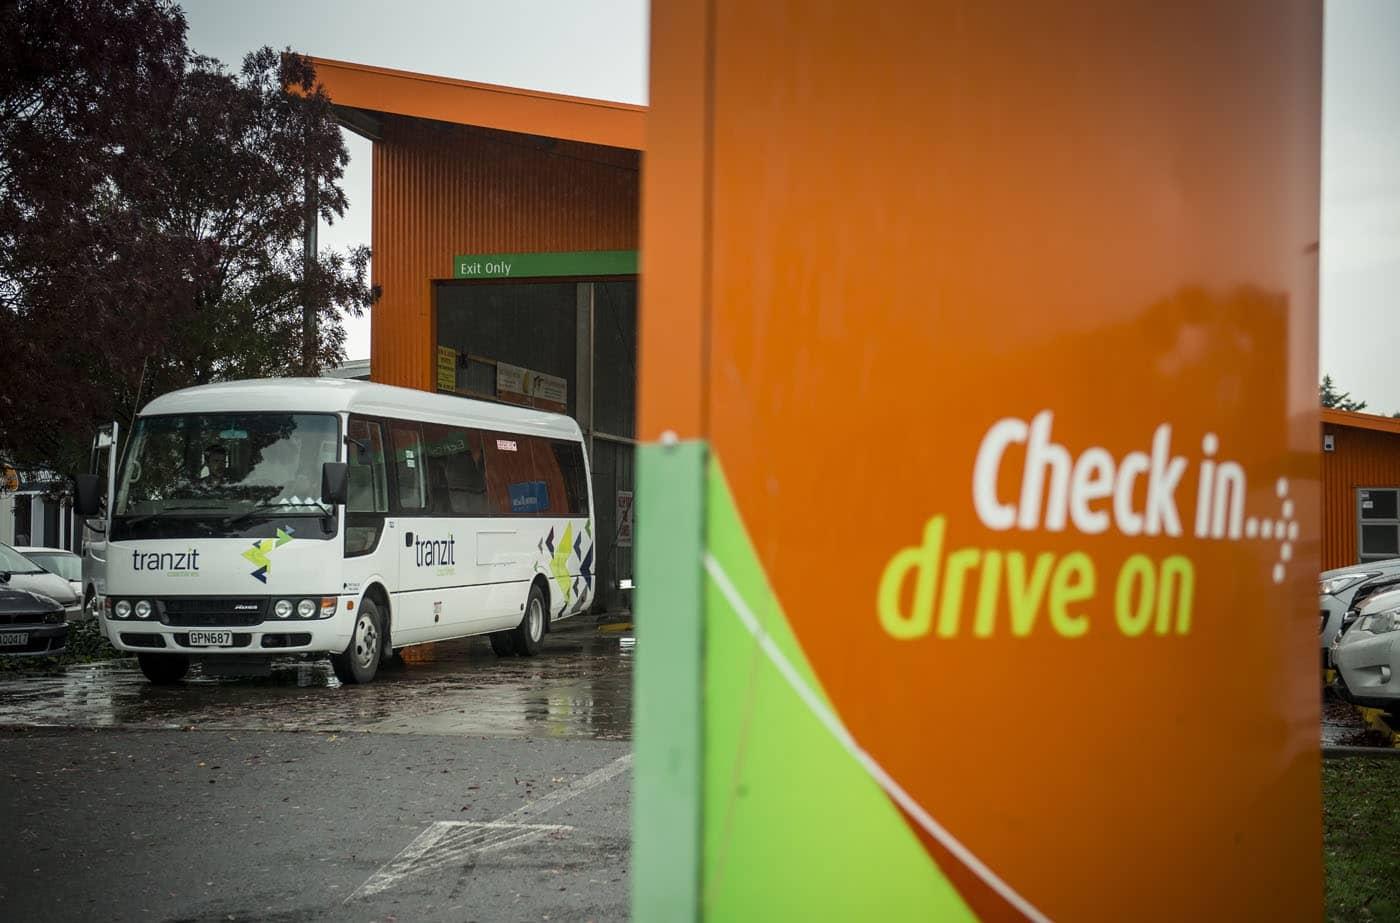 Vehicle Testing New Zealand Limited (VTNZ) ist Neuseelands größter Anbieter für Fahrzeugprüfungen und seit 2013 Teil des DEKRA Konzerns.